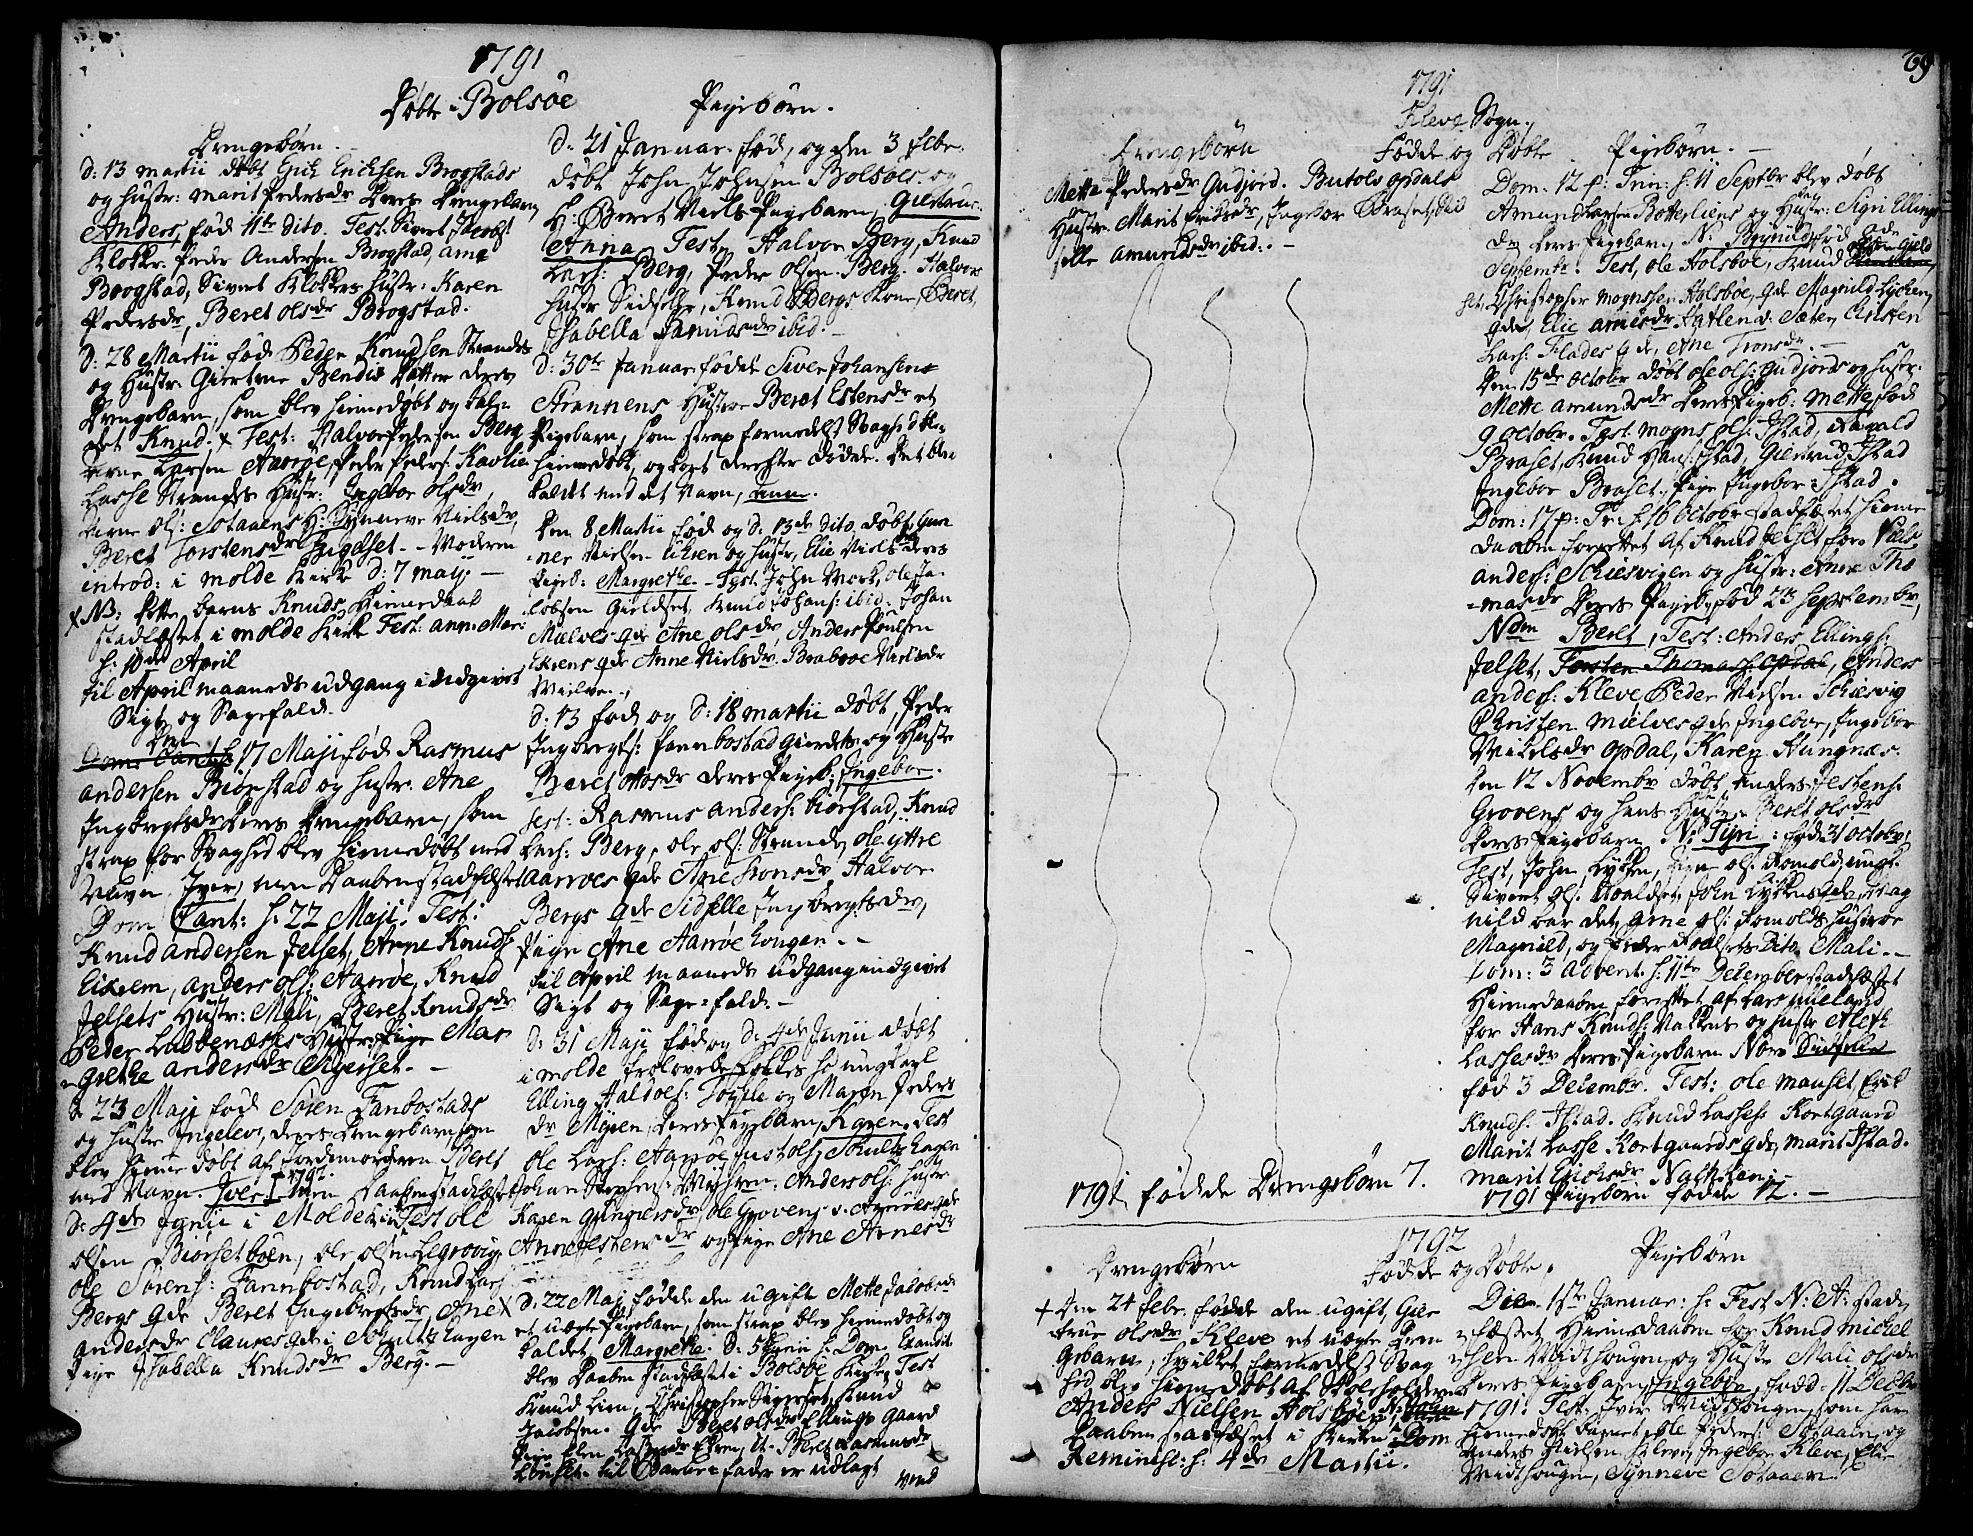 SAT, Ministerialprotokoller, klokkerbøker og fødselsregistre - Møre og Romsdal, 555/L0648: Ministerialbok nr. 555A01, 1759-1793, s. 69